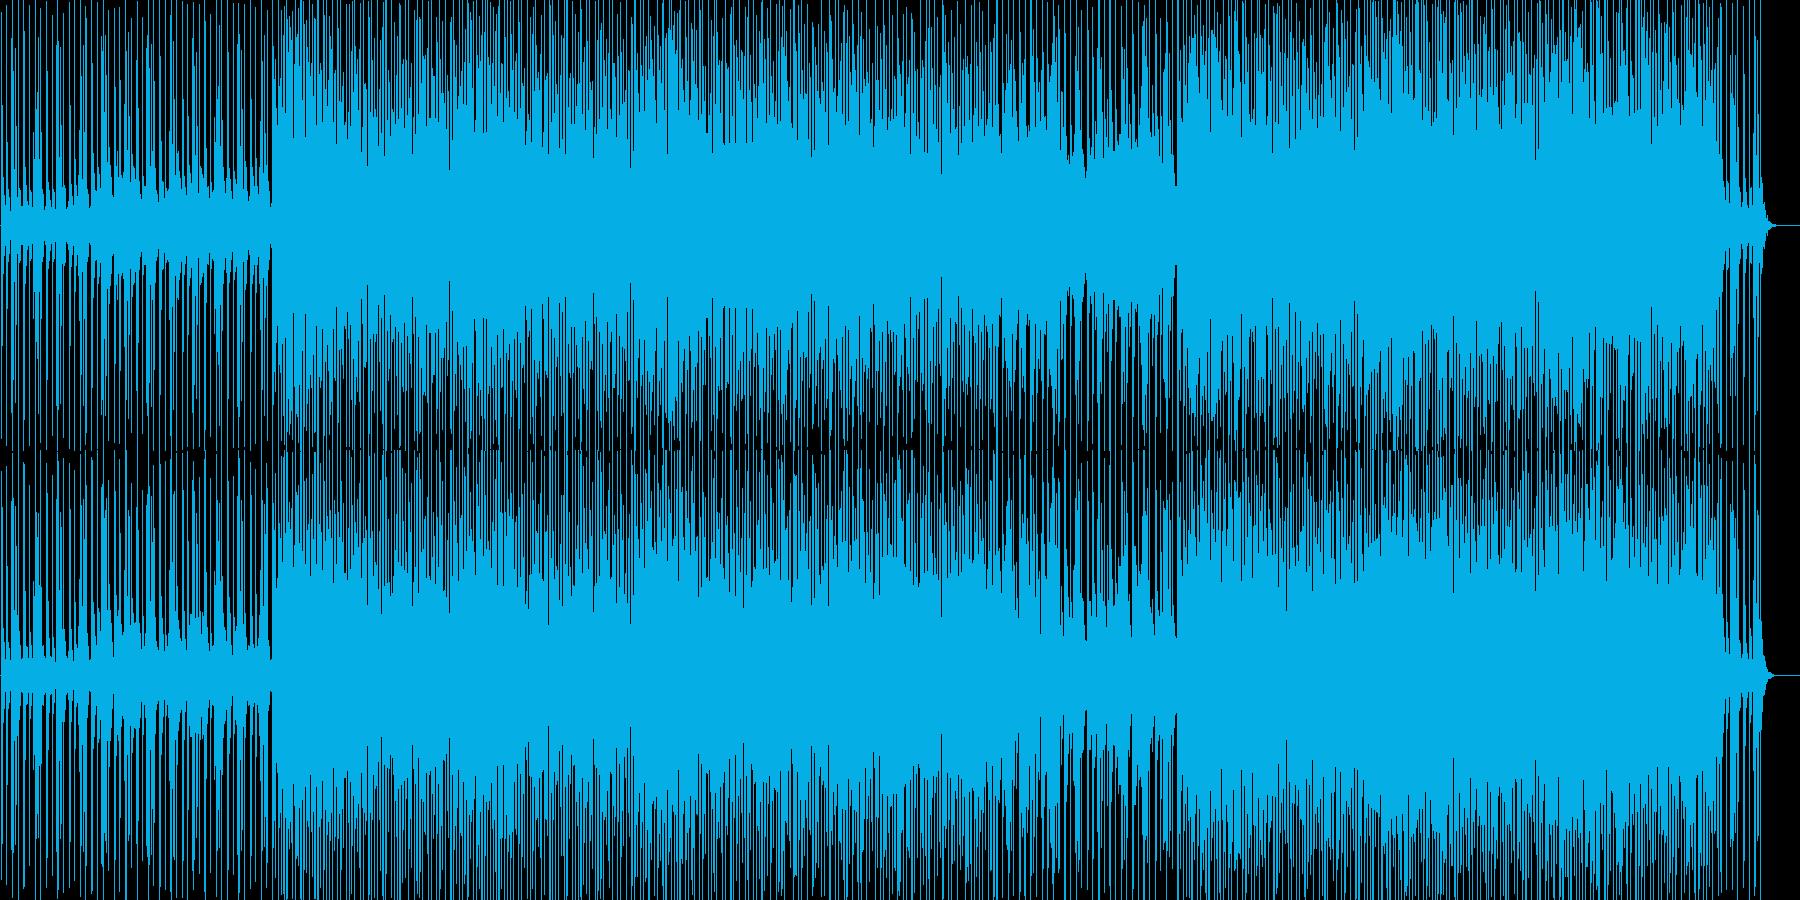 和風で楽しげなインストの再生済みの波形